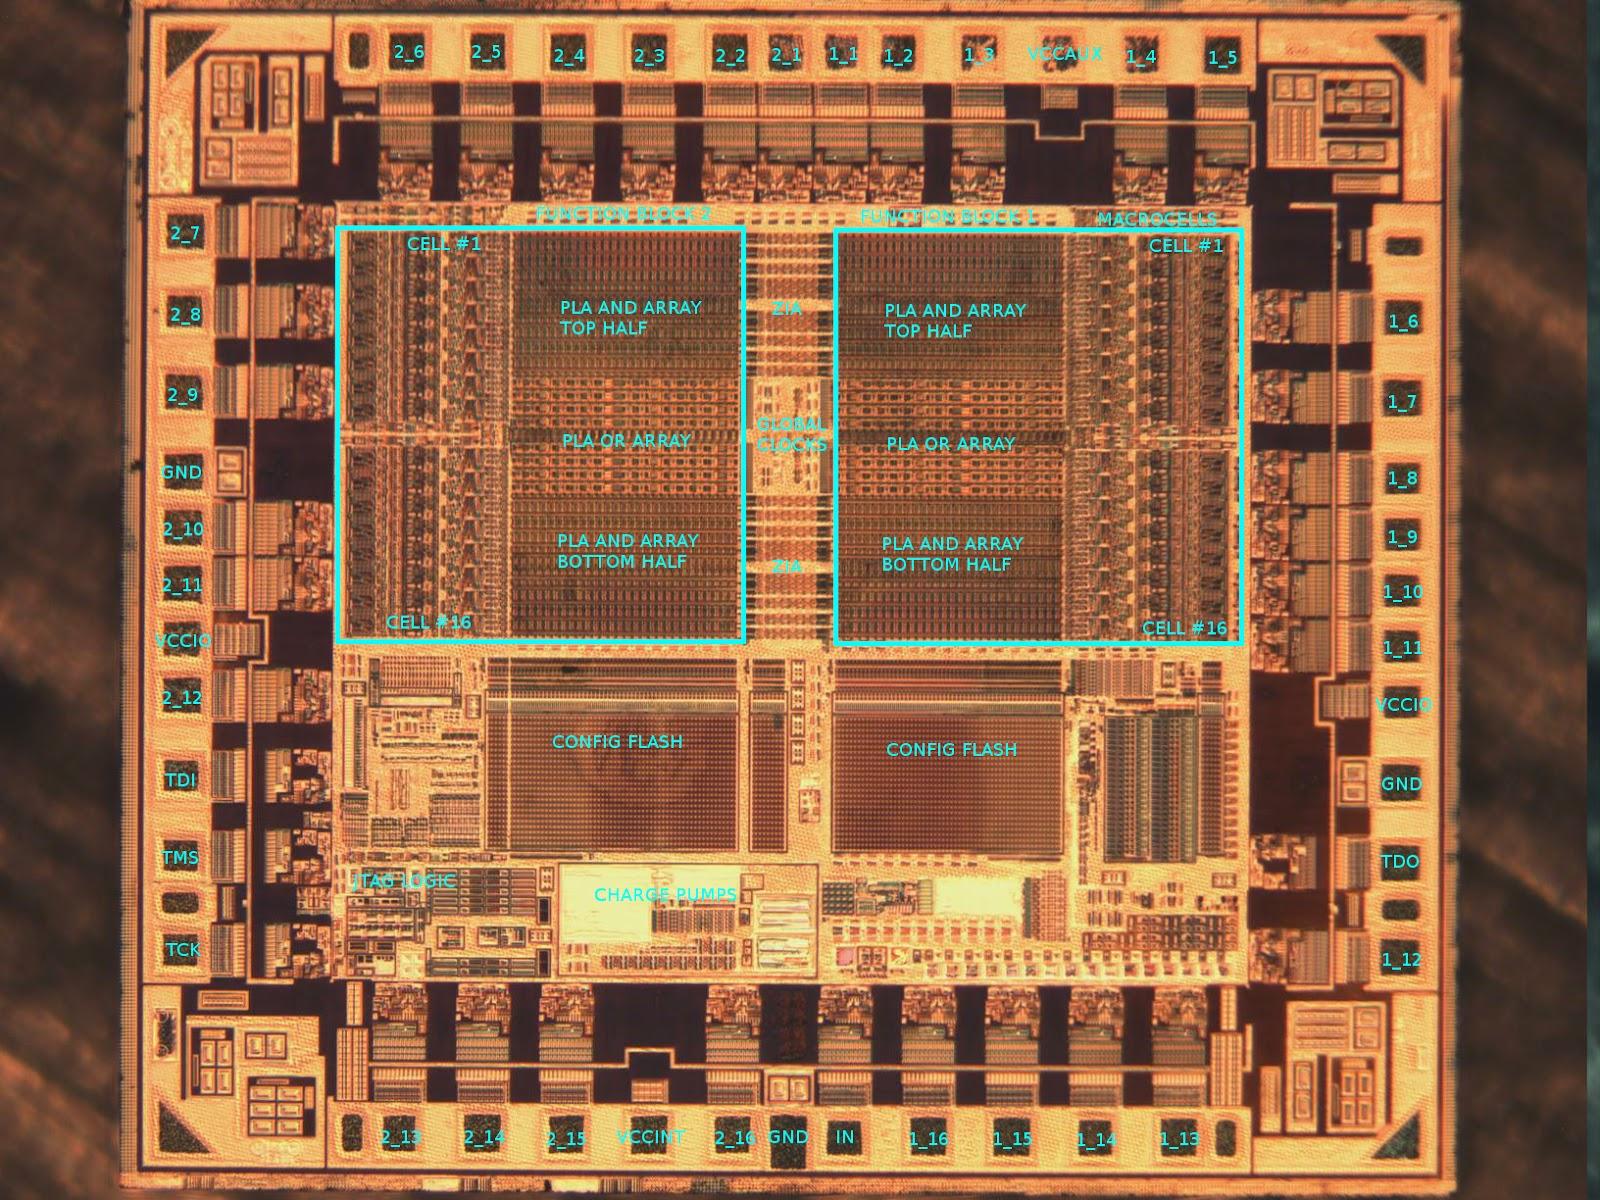 images/XC2C32A_die.jpg